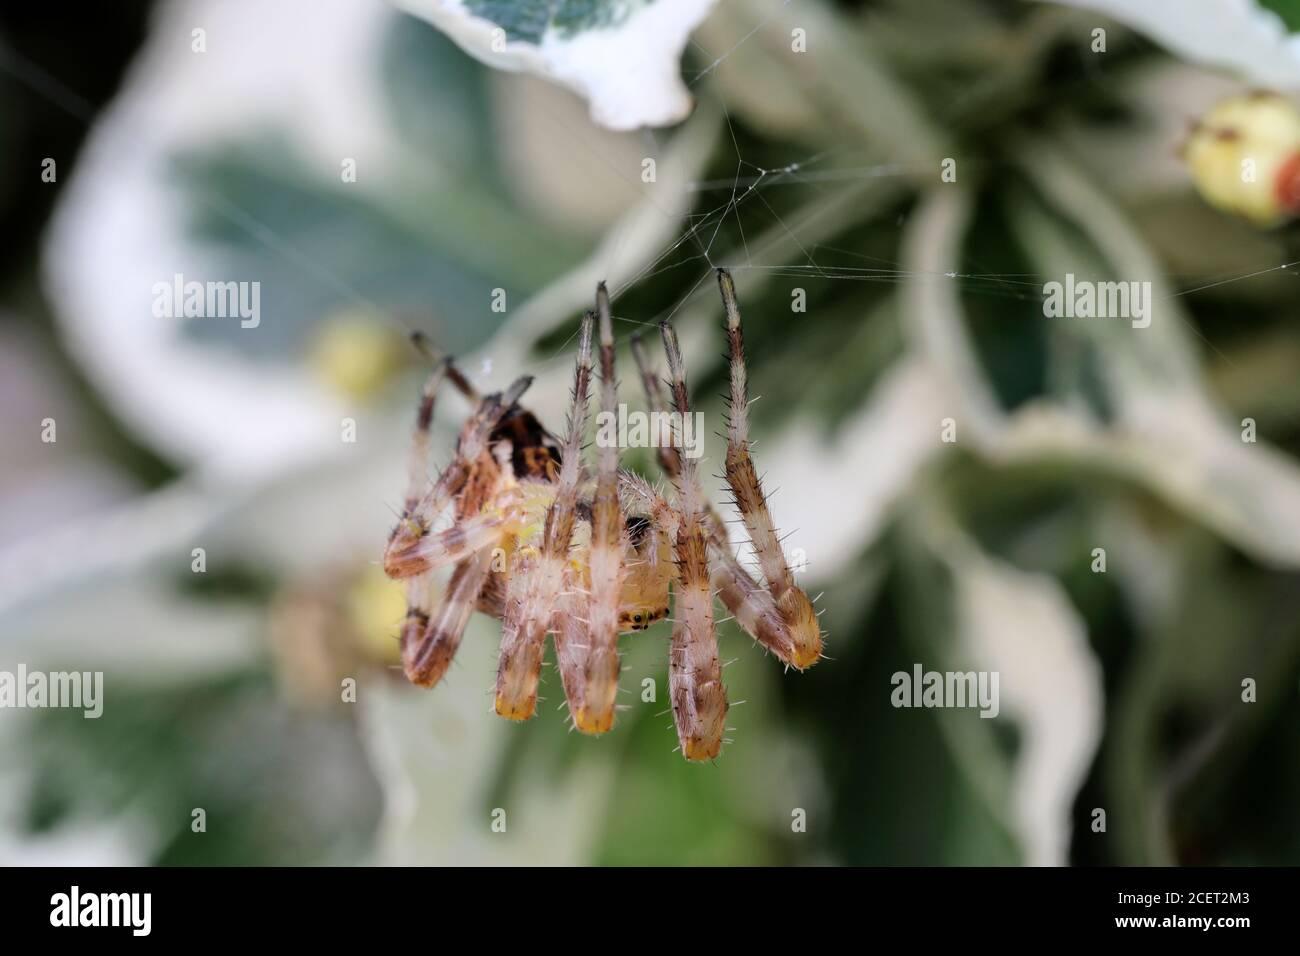 Giardino comune Spider Araneus diadematus tessendo il suo Web, Inghilterra Regno Unito Foto Stock